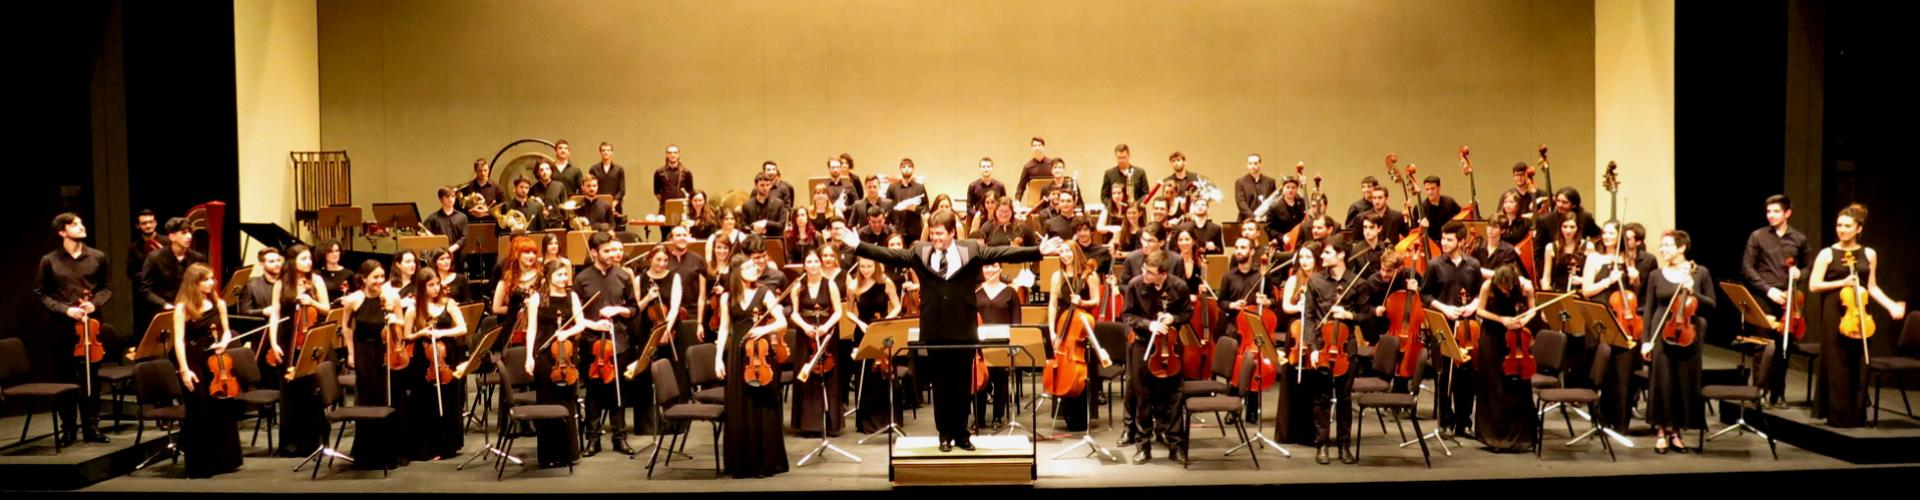 La Orquesta Joven de Andalucía en el Teatro Maestranza de Sevilla. Marzo 2016 @Foto: María Marí-Pérez